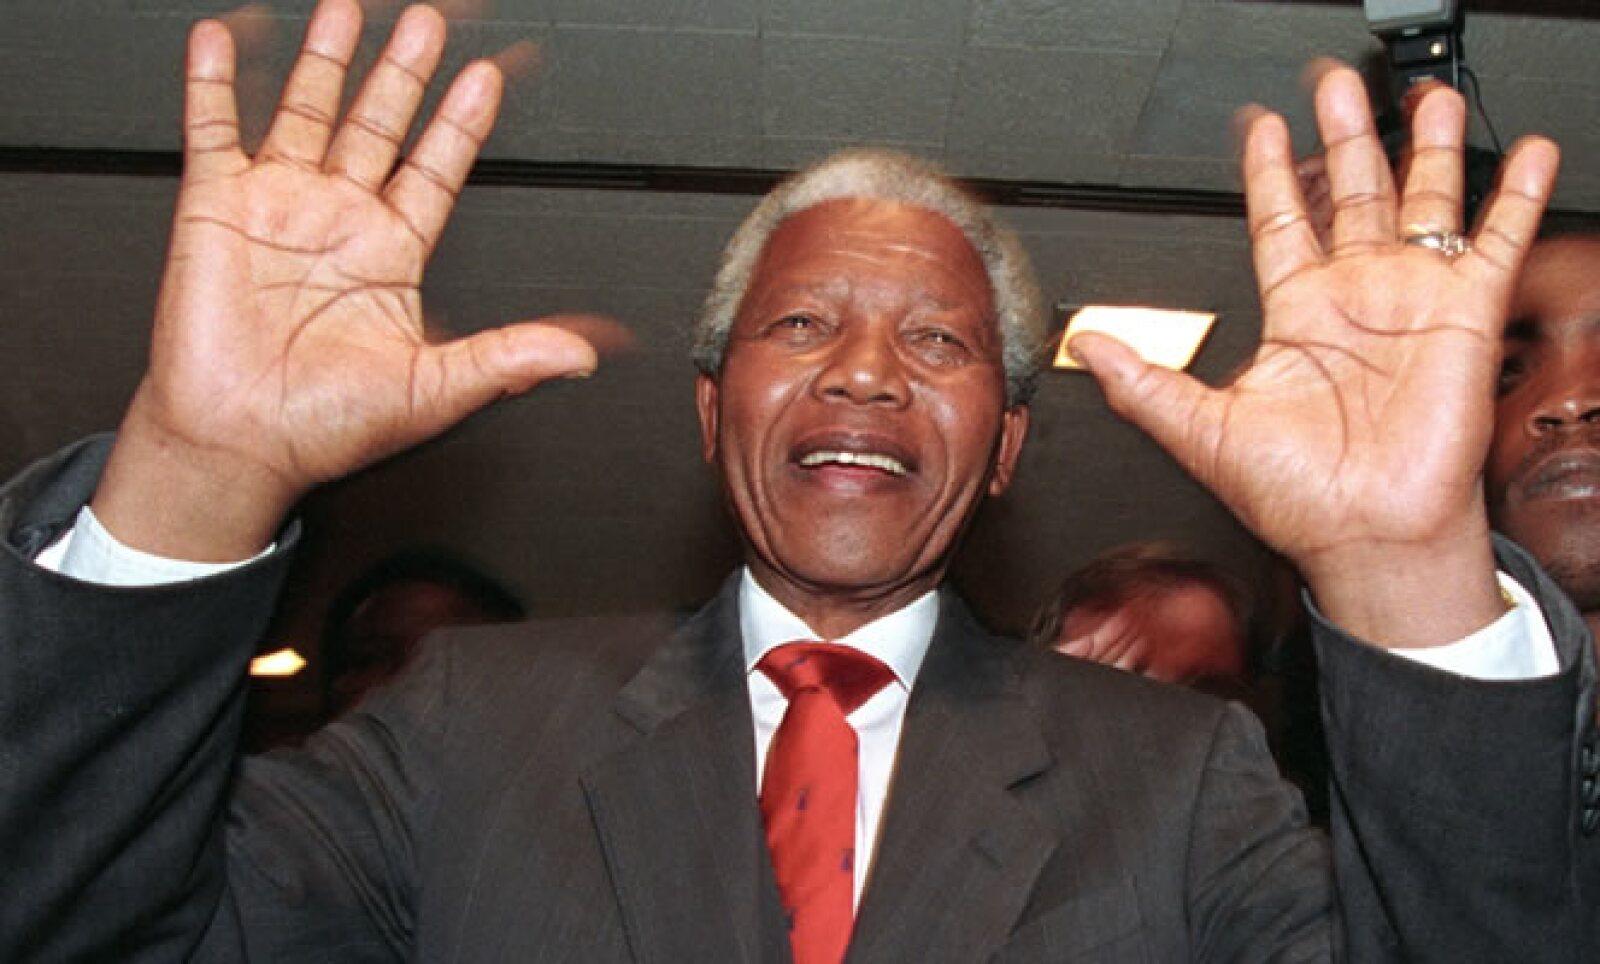 """""""Cuando finalmente atravesé esas puertas (...) sentí que mi vida comenzada de nuevo incluso a la edad de 71 años. Mis 10.000 días de prisión habían finalmente terminado"""", escribió Mandela tras su liberación el 11 de febrero de 1990."""